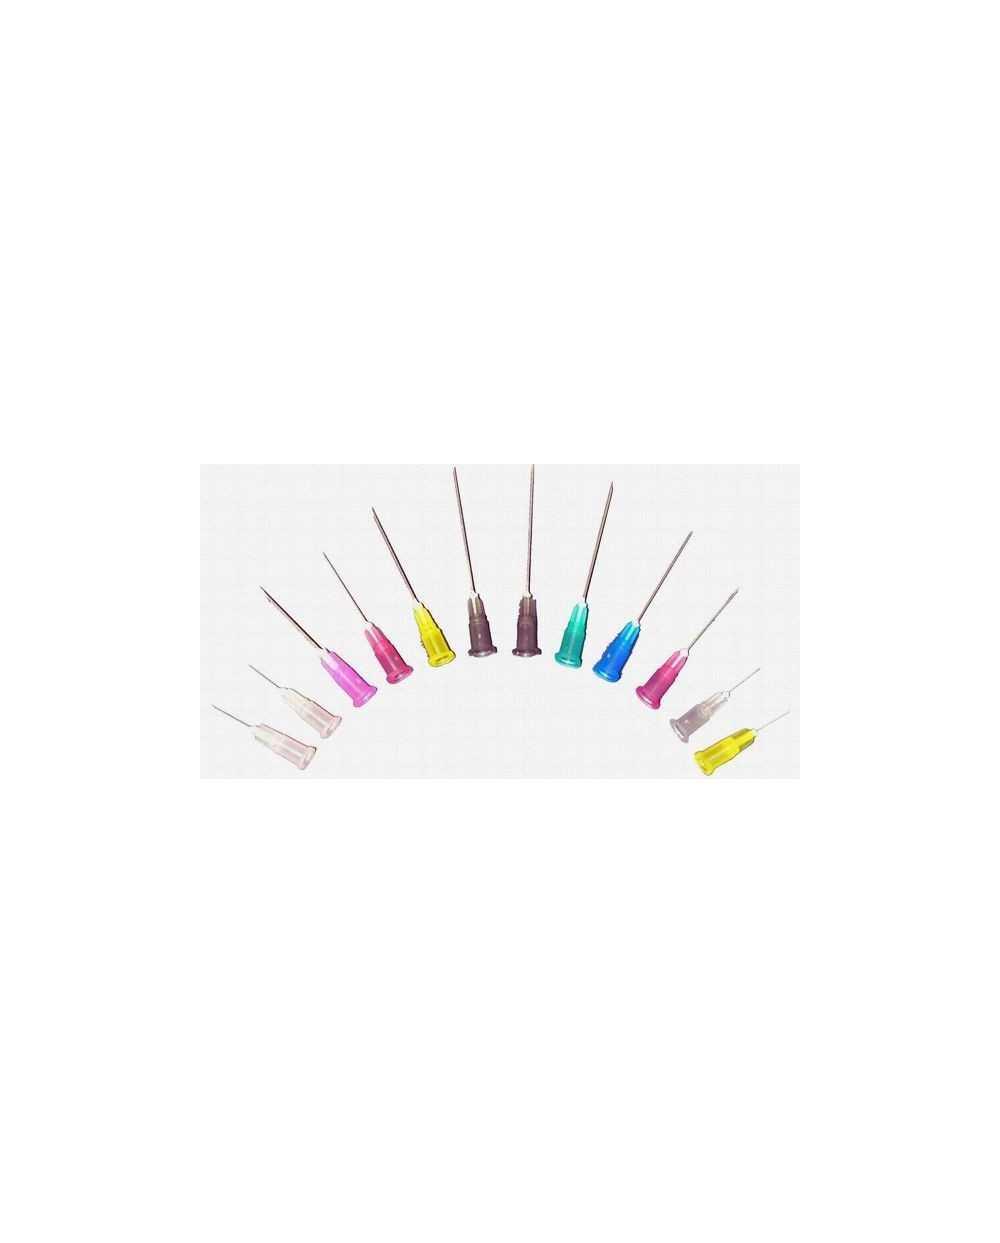 Aiguilles BD Microlance 3 - rose - 18G x 1 1/2'' Boîte de 100